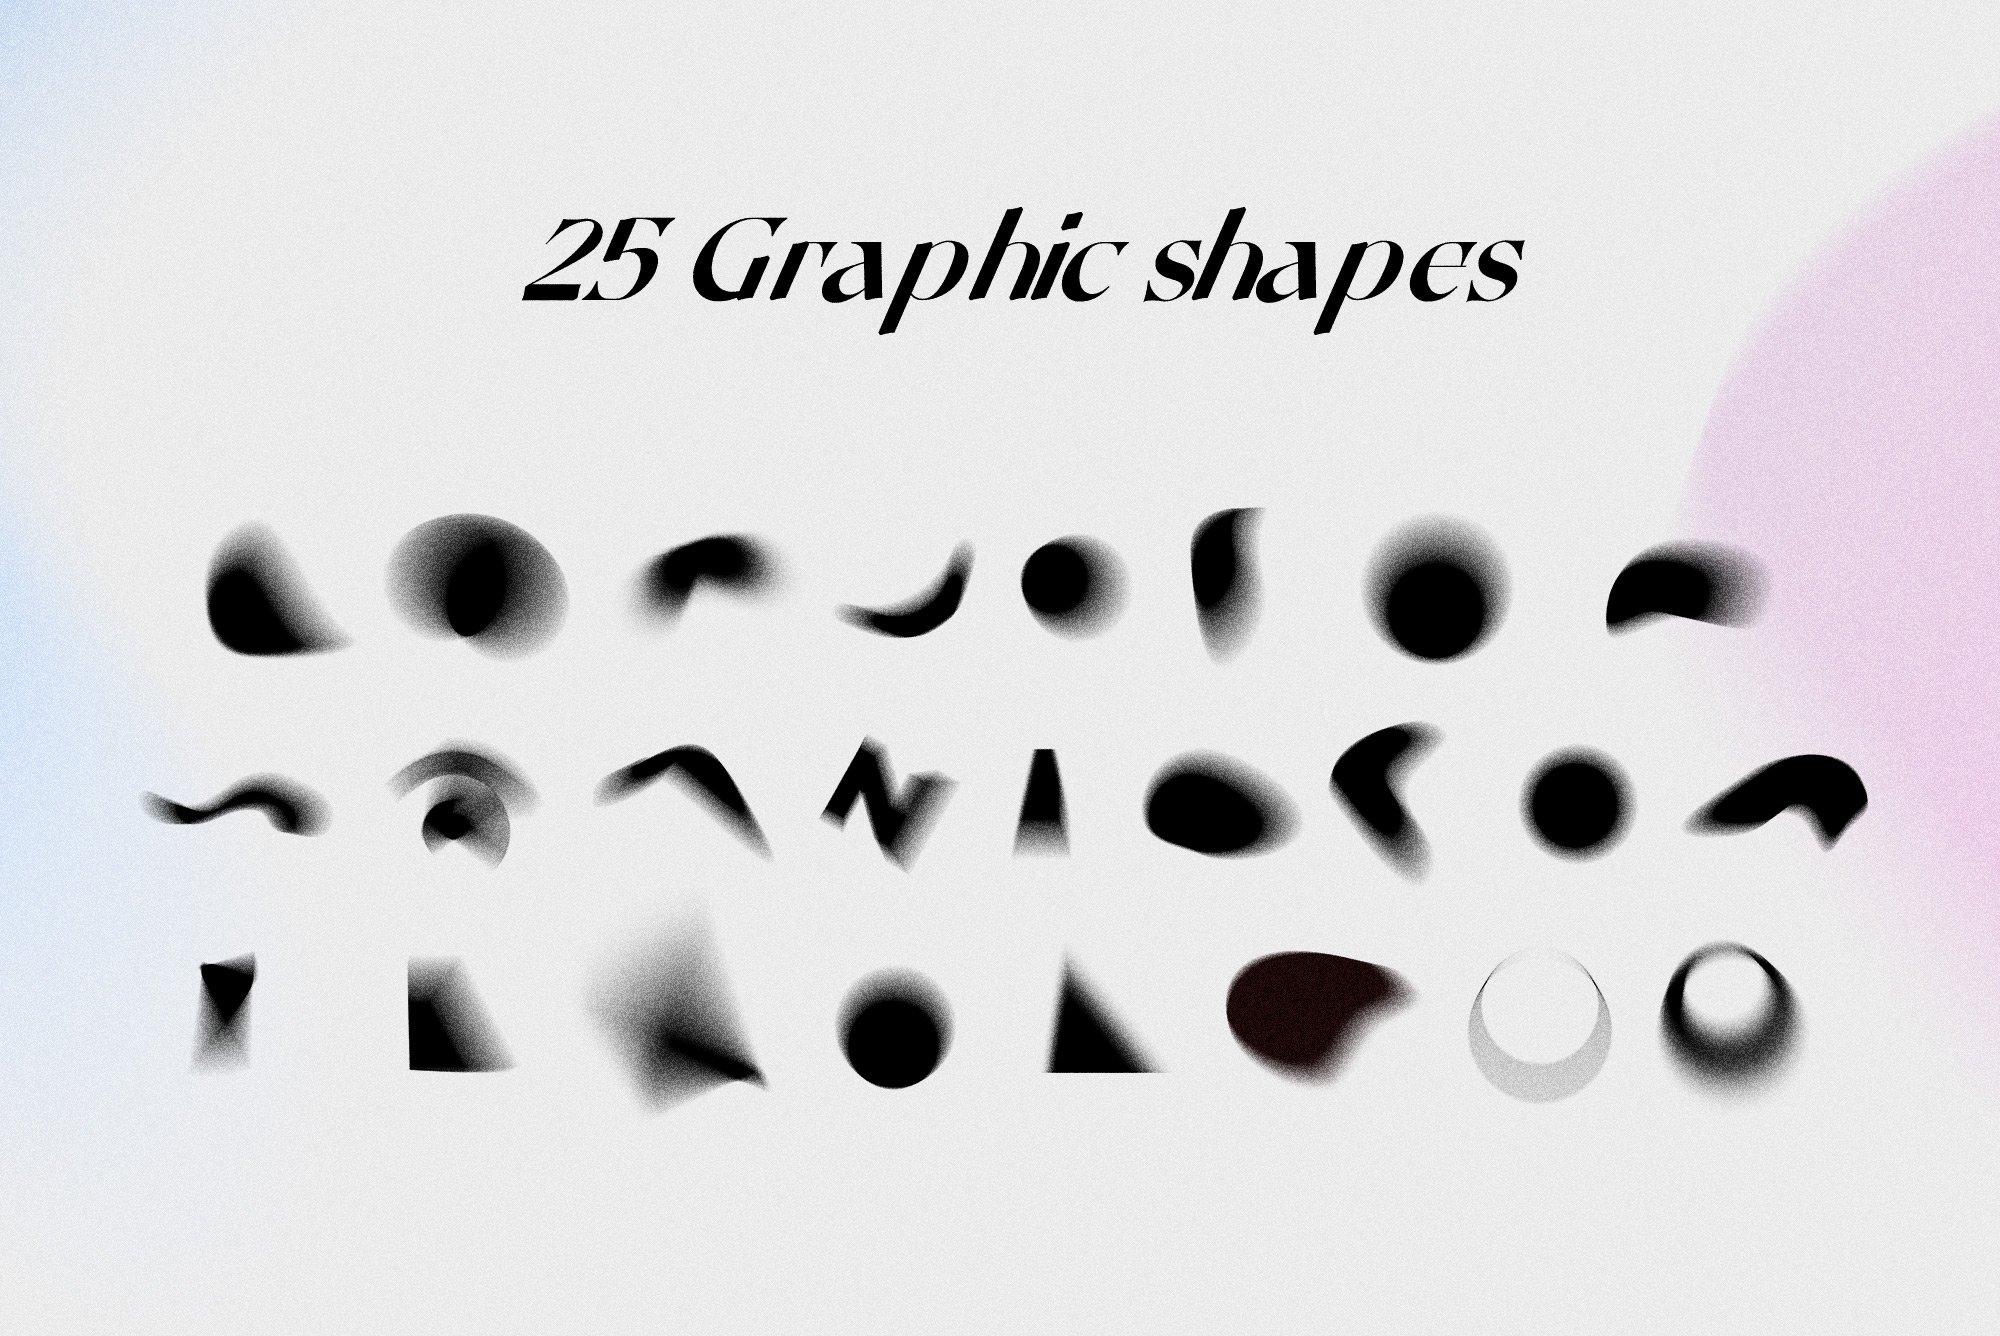 [单独购买] 潮流复古炫彩颗粒噪点模糊渐变背景纹理图形设计素材 Gradient Color Grainy Textures插图1